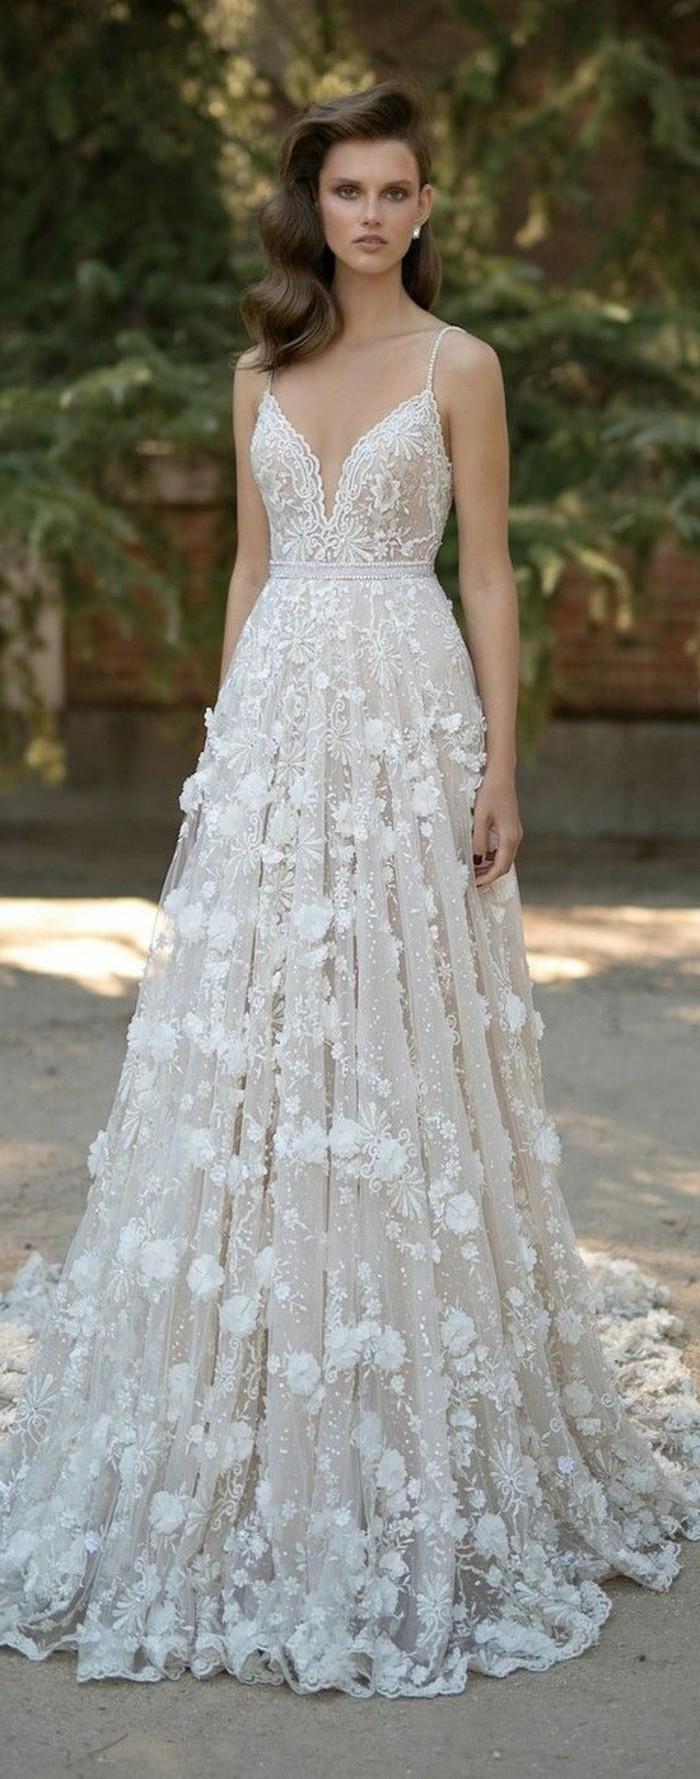 """Hochzeitskleid auswählen - """"Blüten"""" und andere zärtliche ..."""